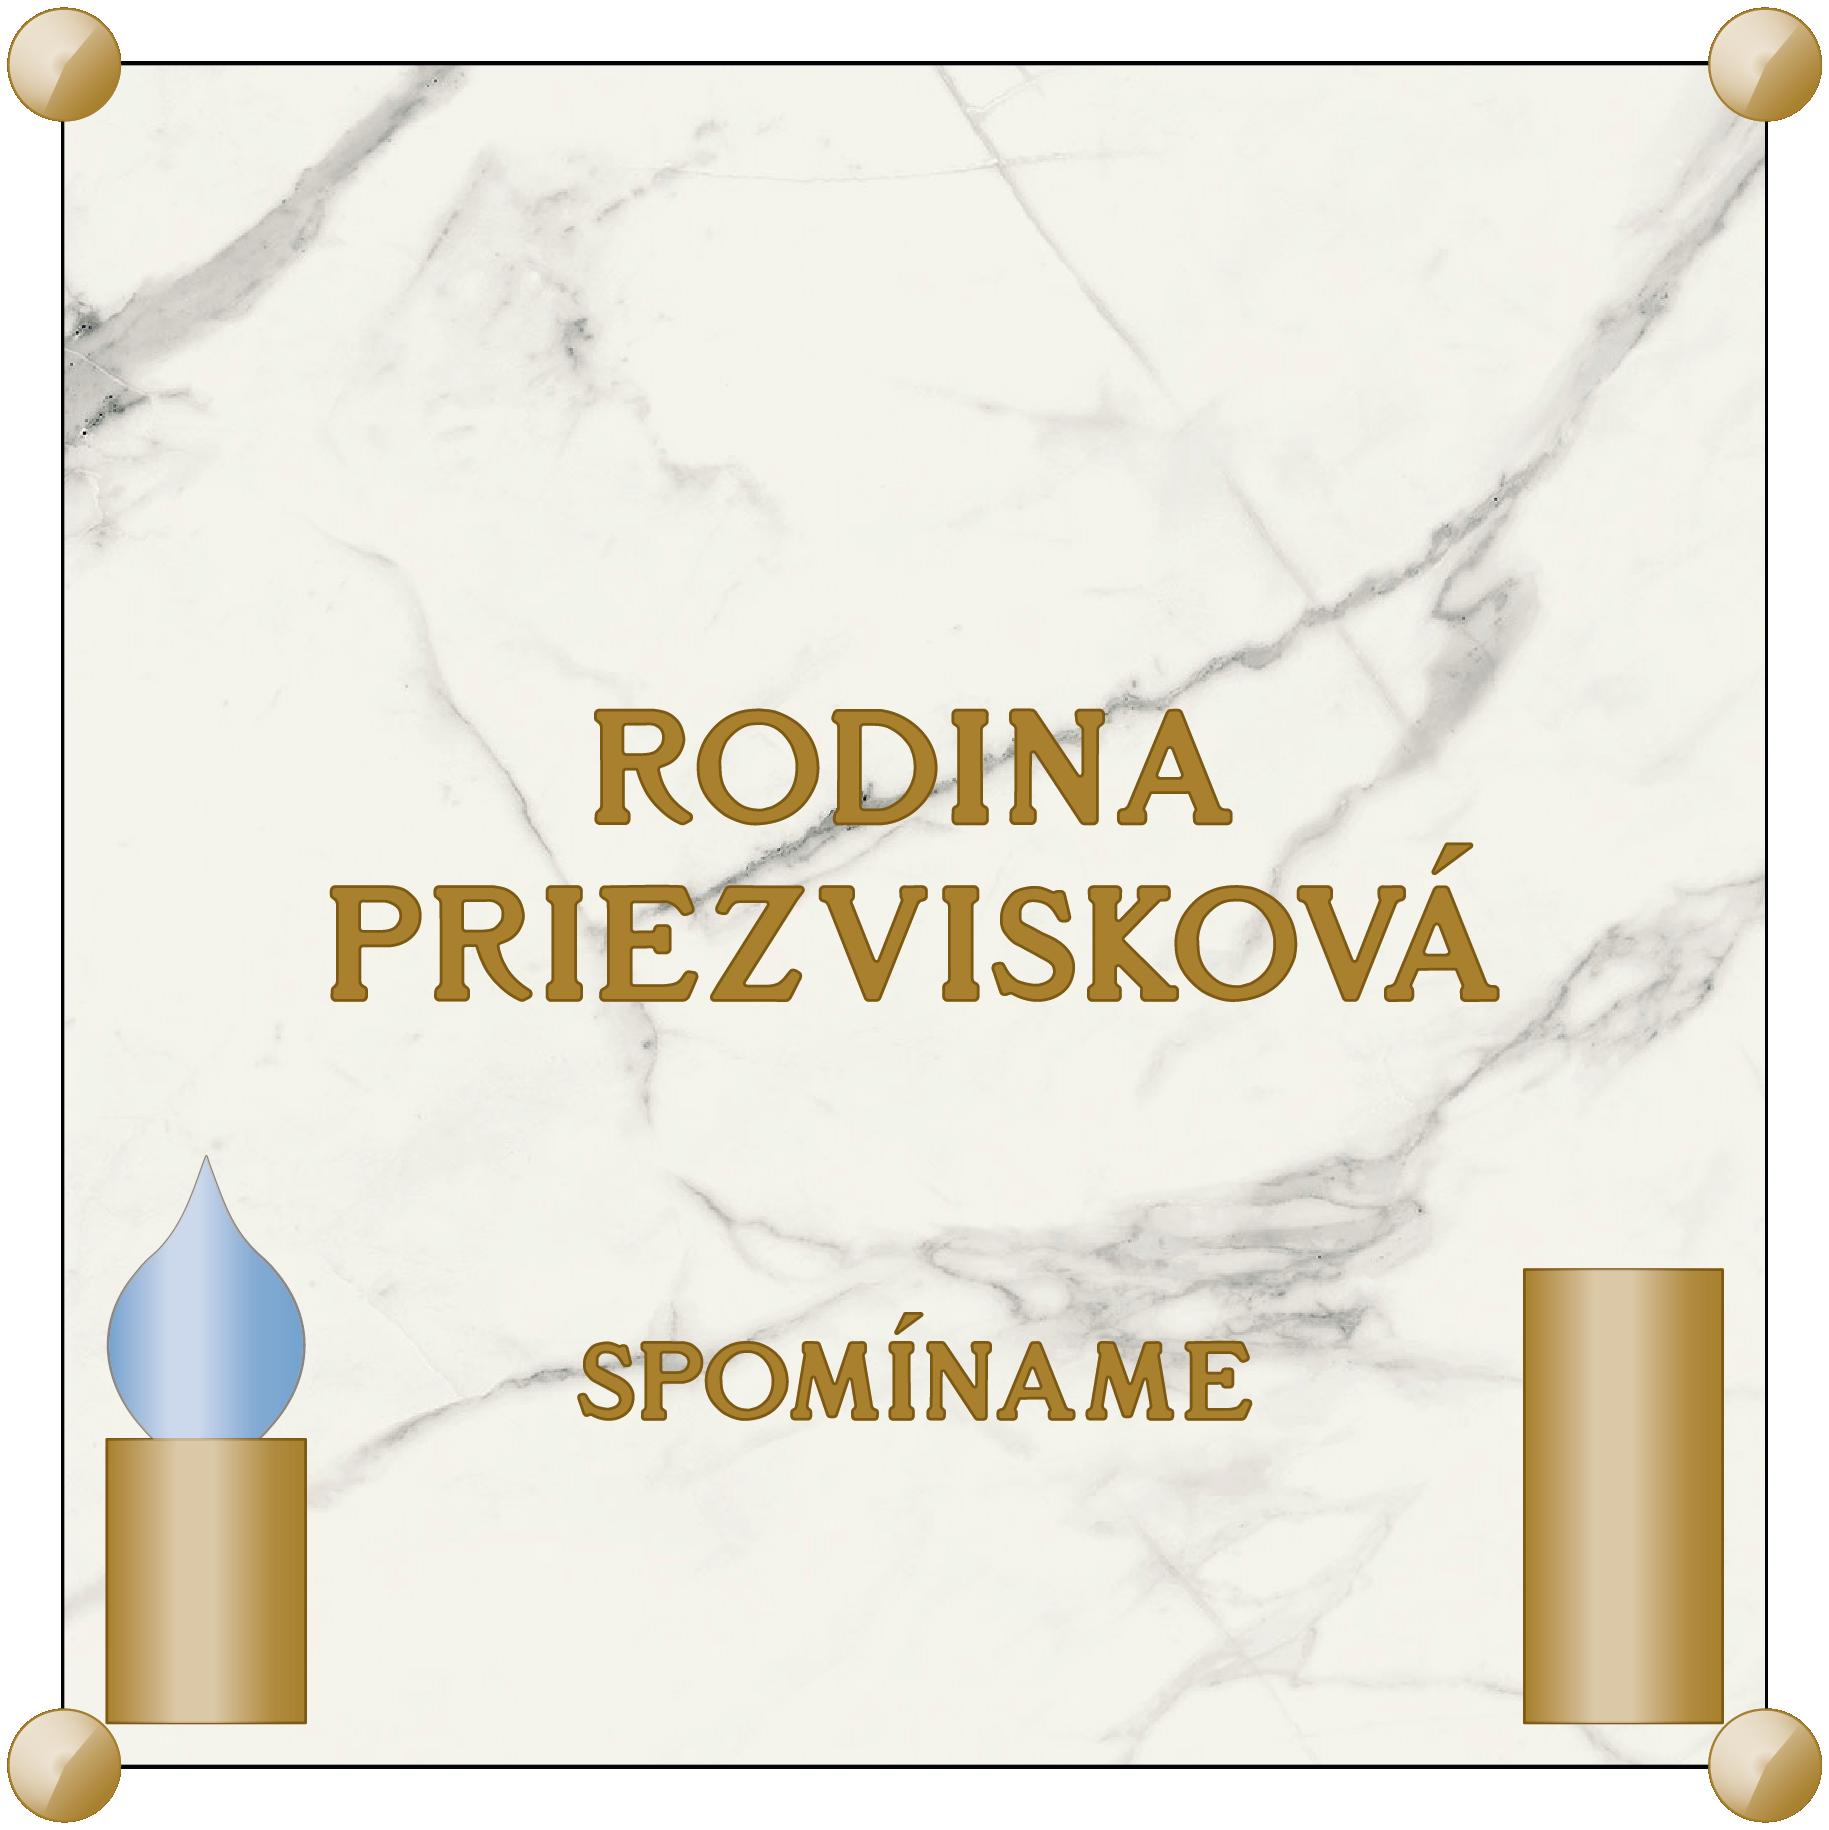 ROMANO_60x60_60x60_1a